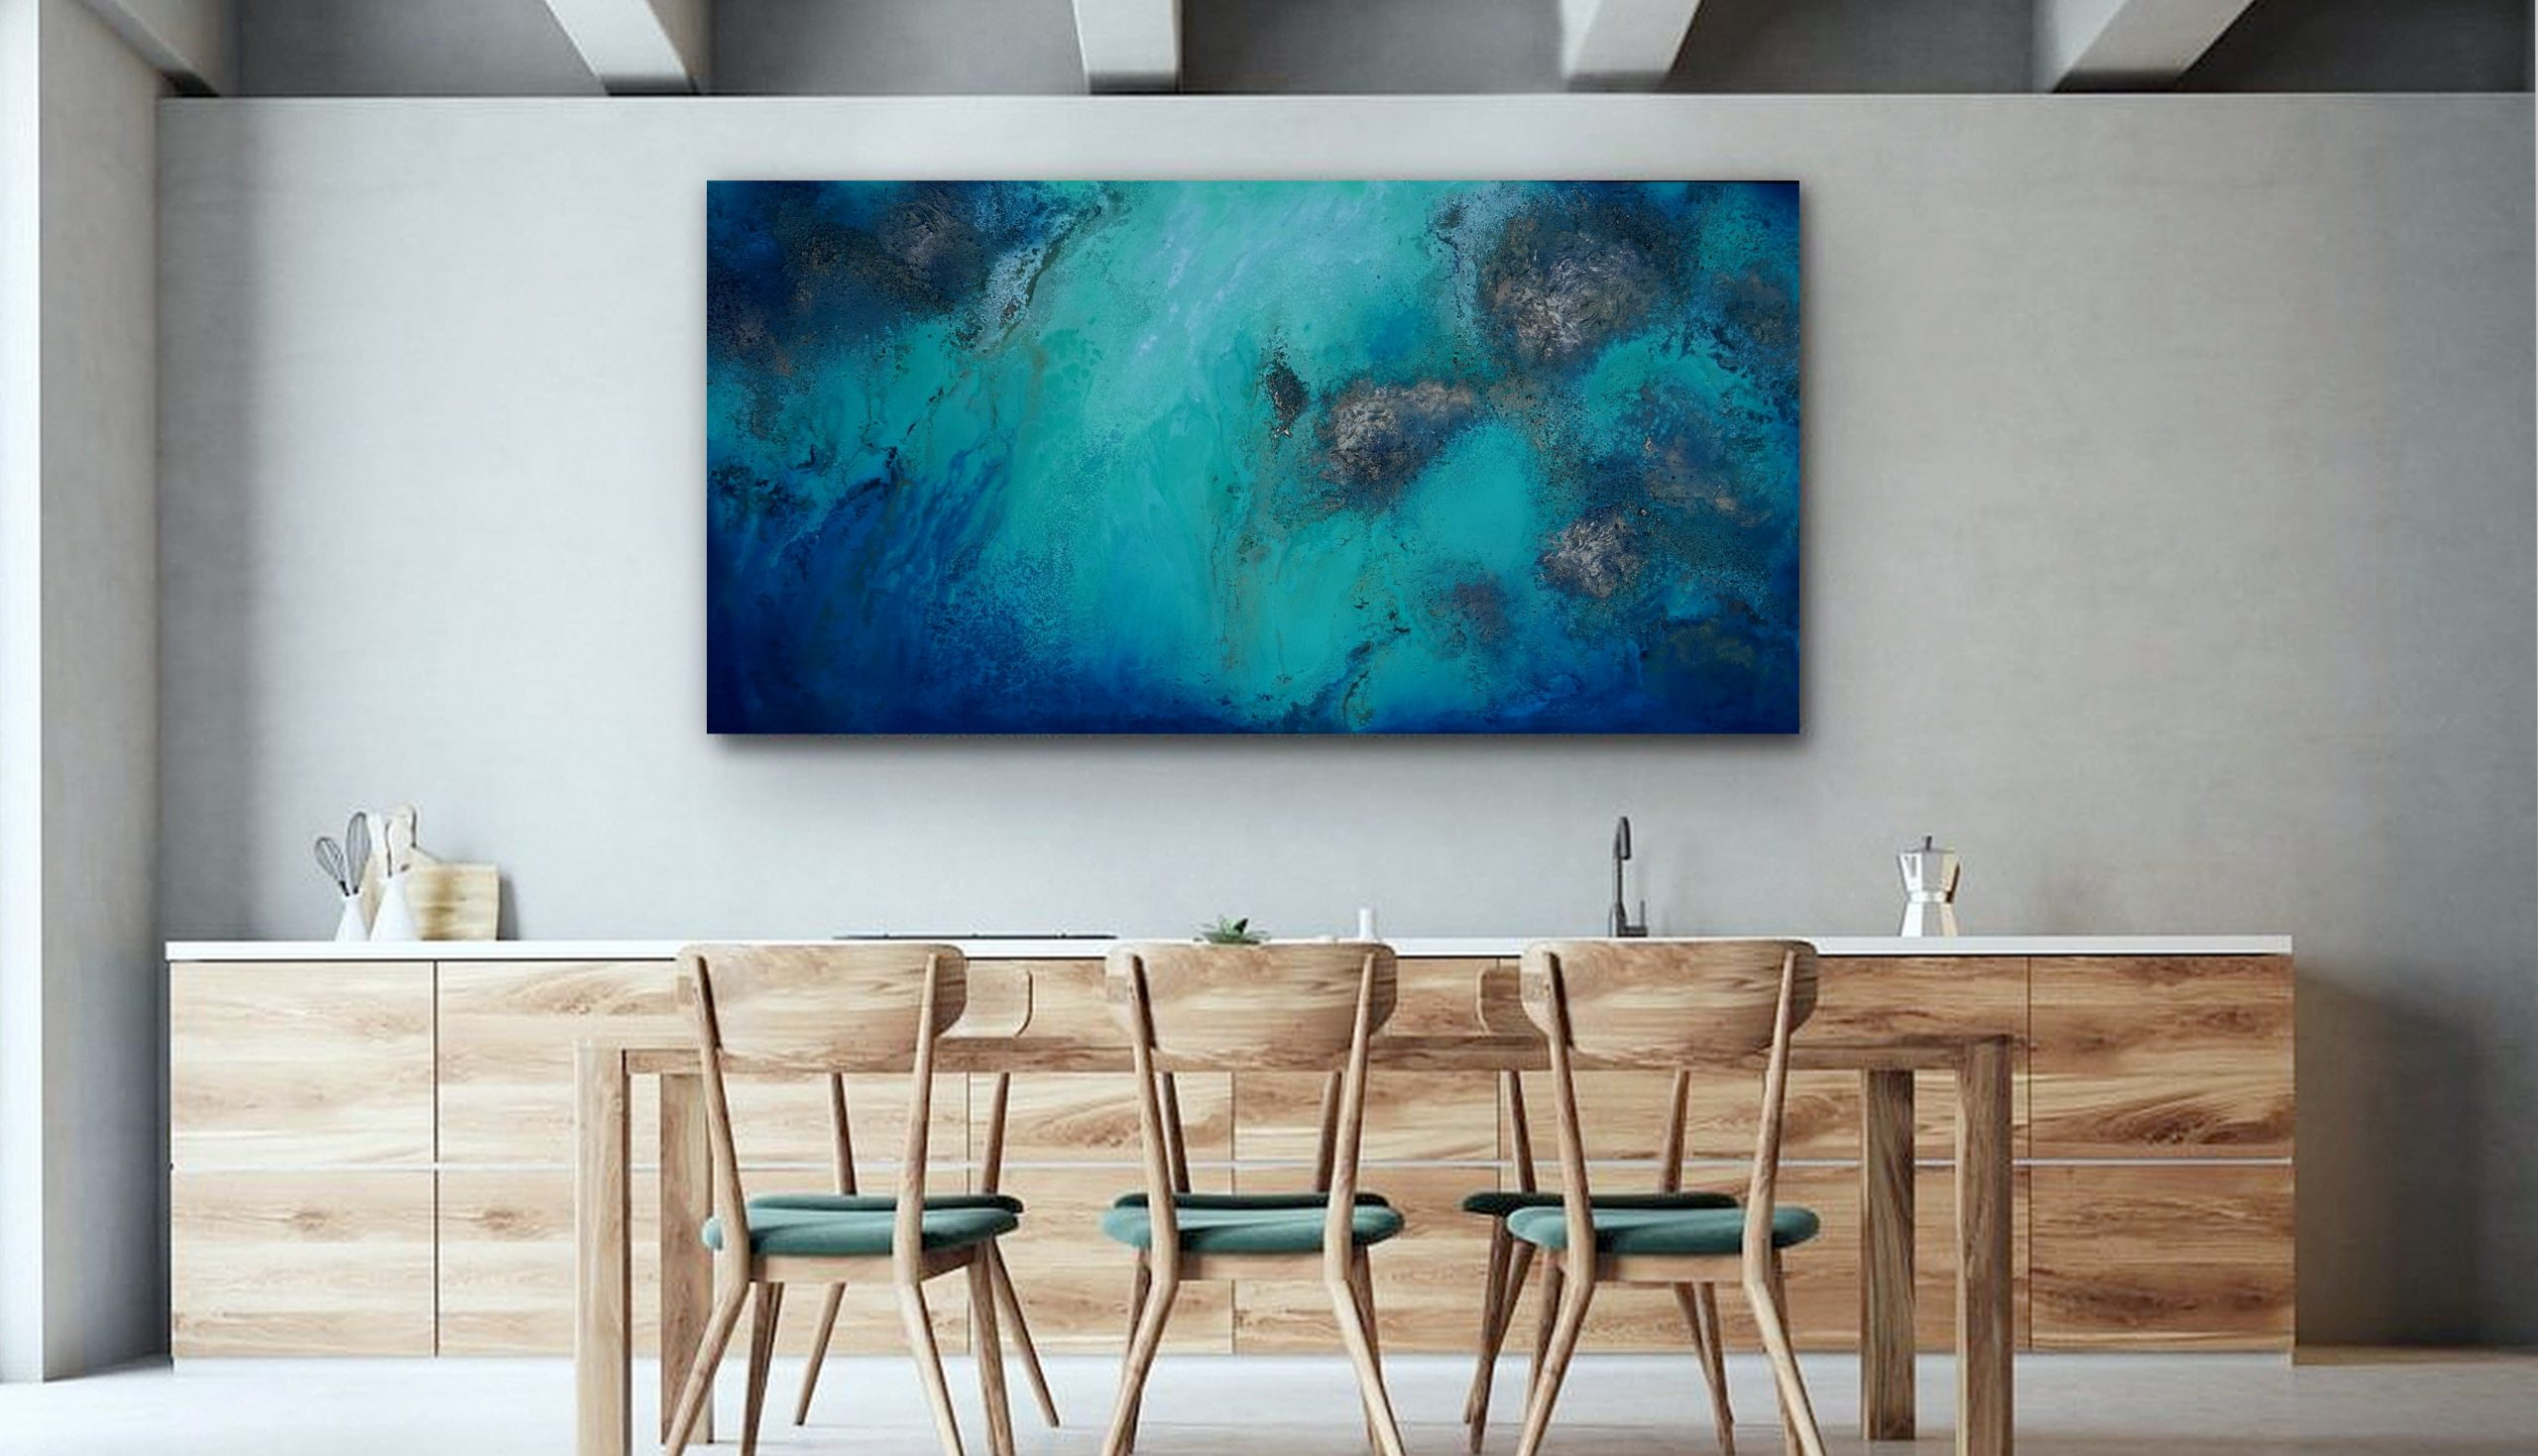 Large Ocean Art For Sale By Petra Meikle De Vlas2